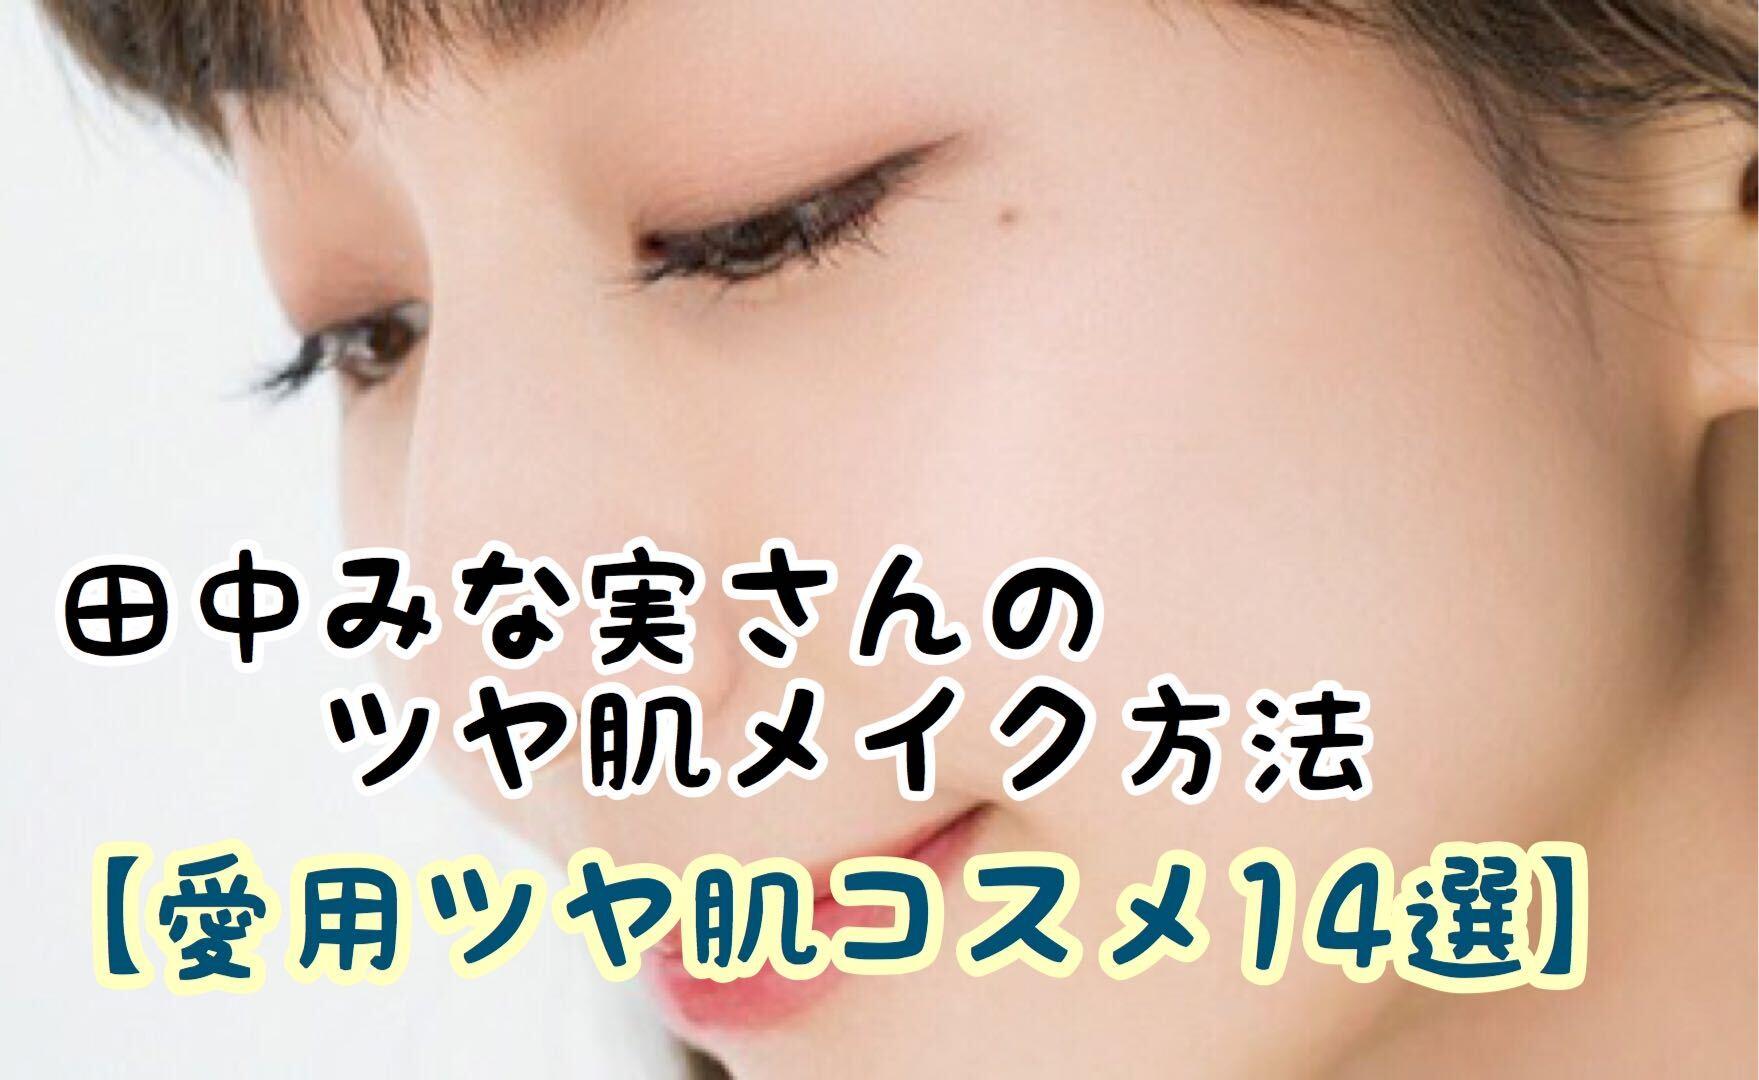 田中みな実さんのツヤ肌を作る方法を解説【愛用ツヤ肌コスメ14選】